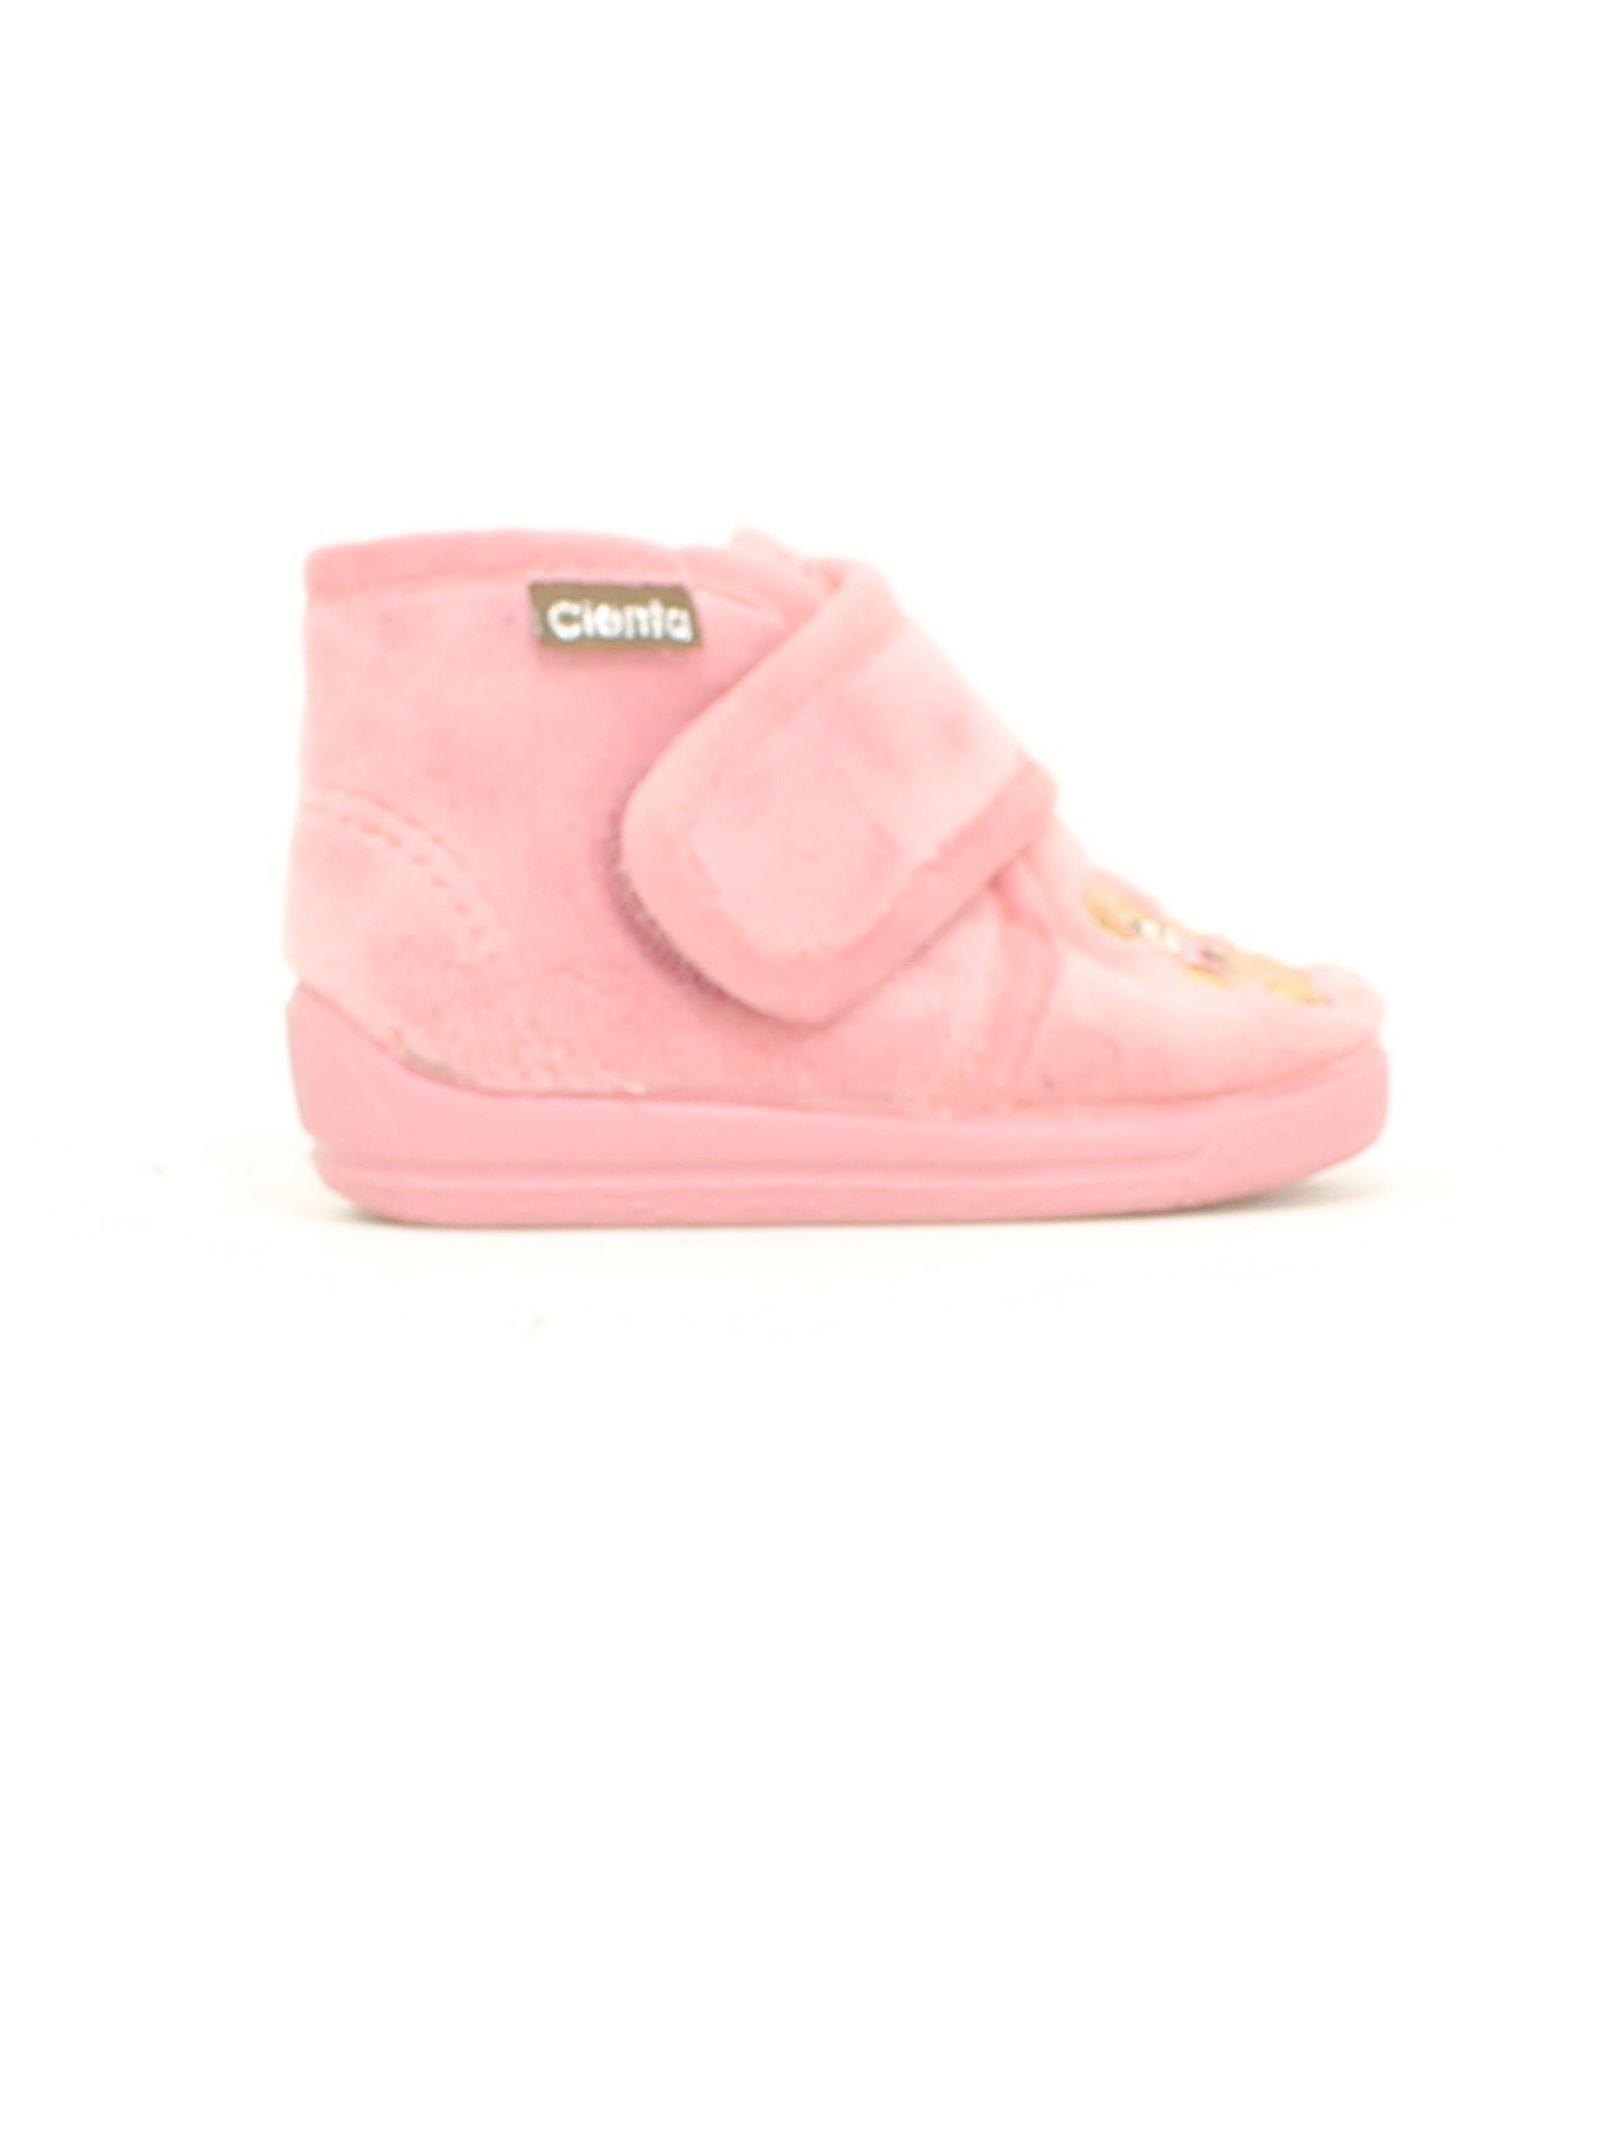 Little Bear House slippers CIENTA      133030R142